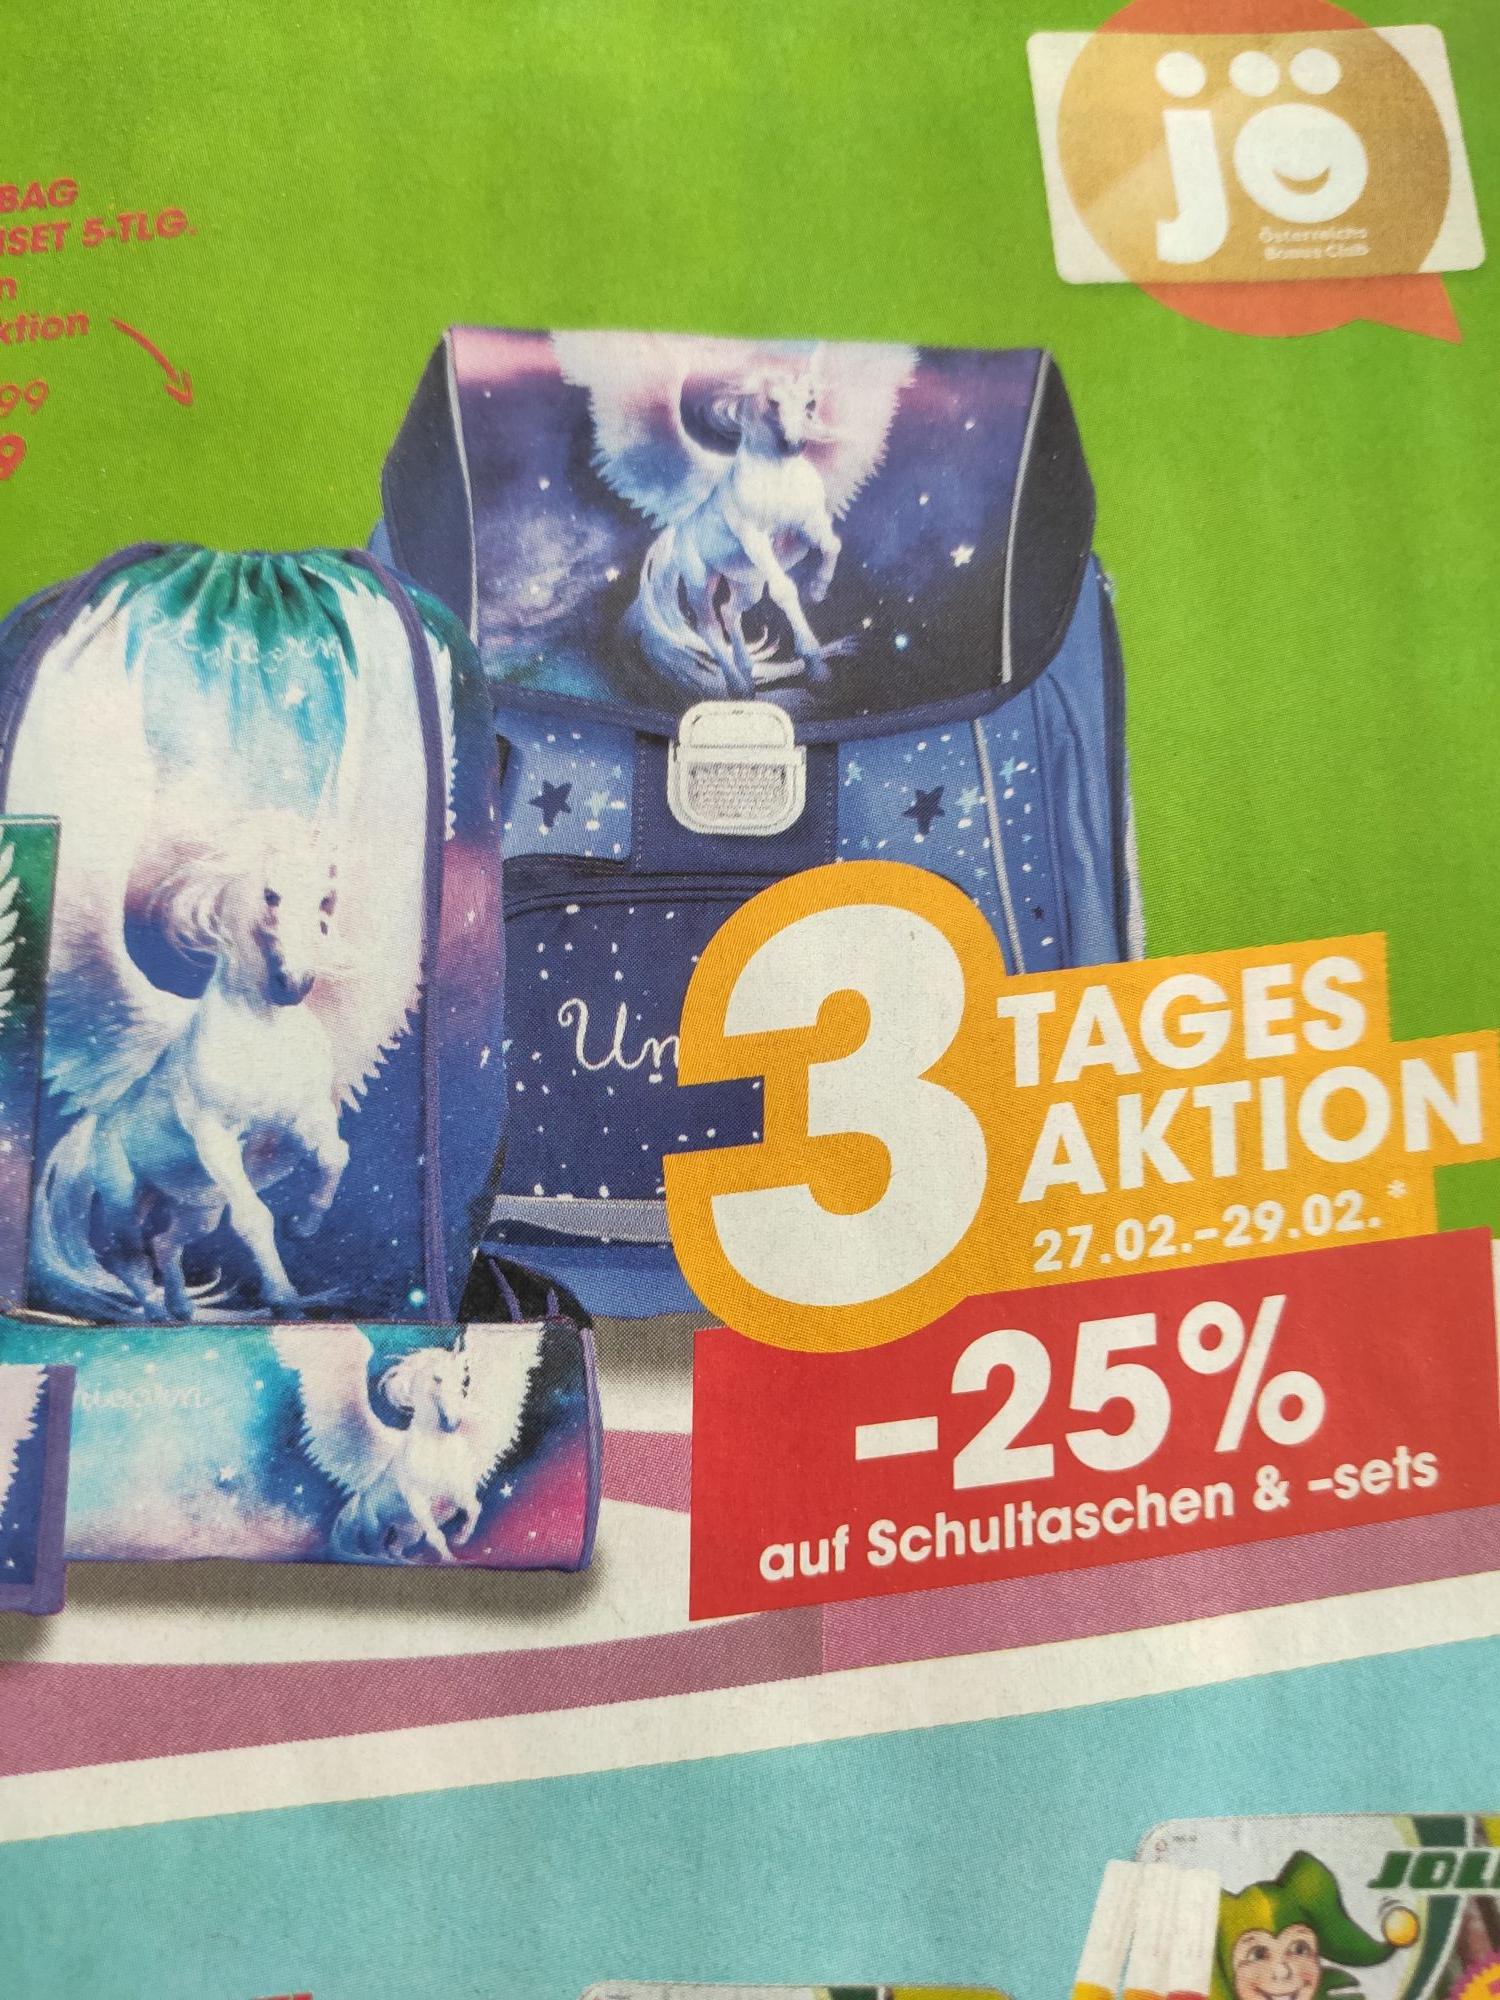 -25% auf Schultaschen + Schultaschensets